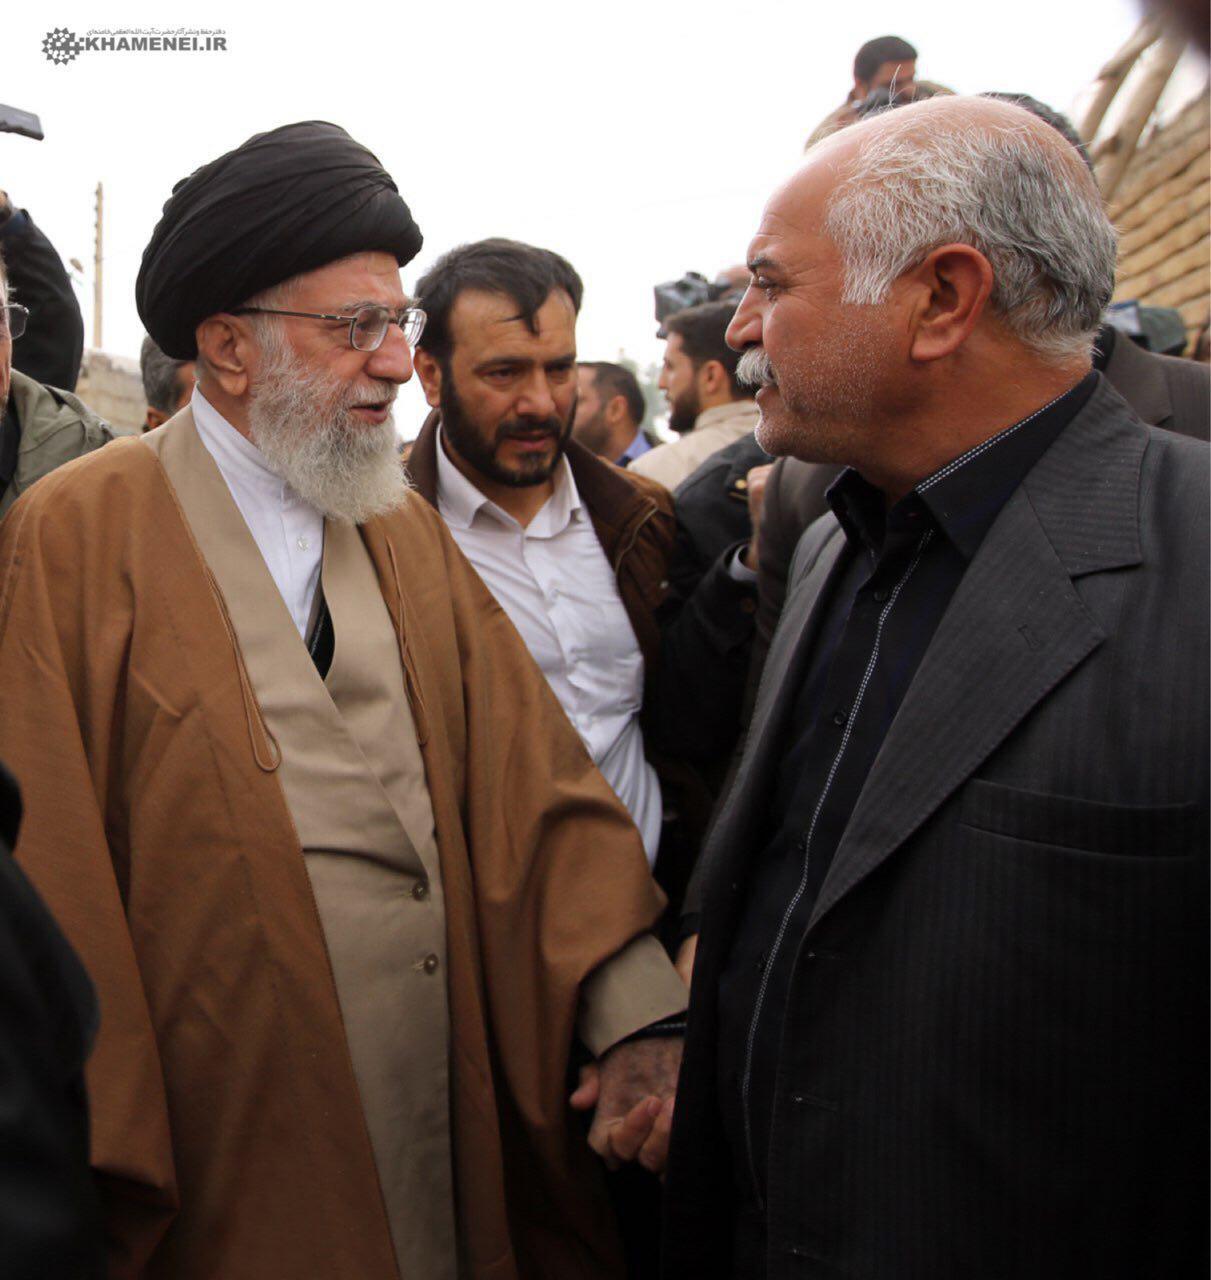 بالصور...قائد الثورة الإسلامیة في زیارة تفقدیة لکرمانشاه